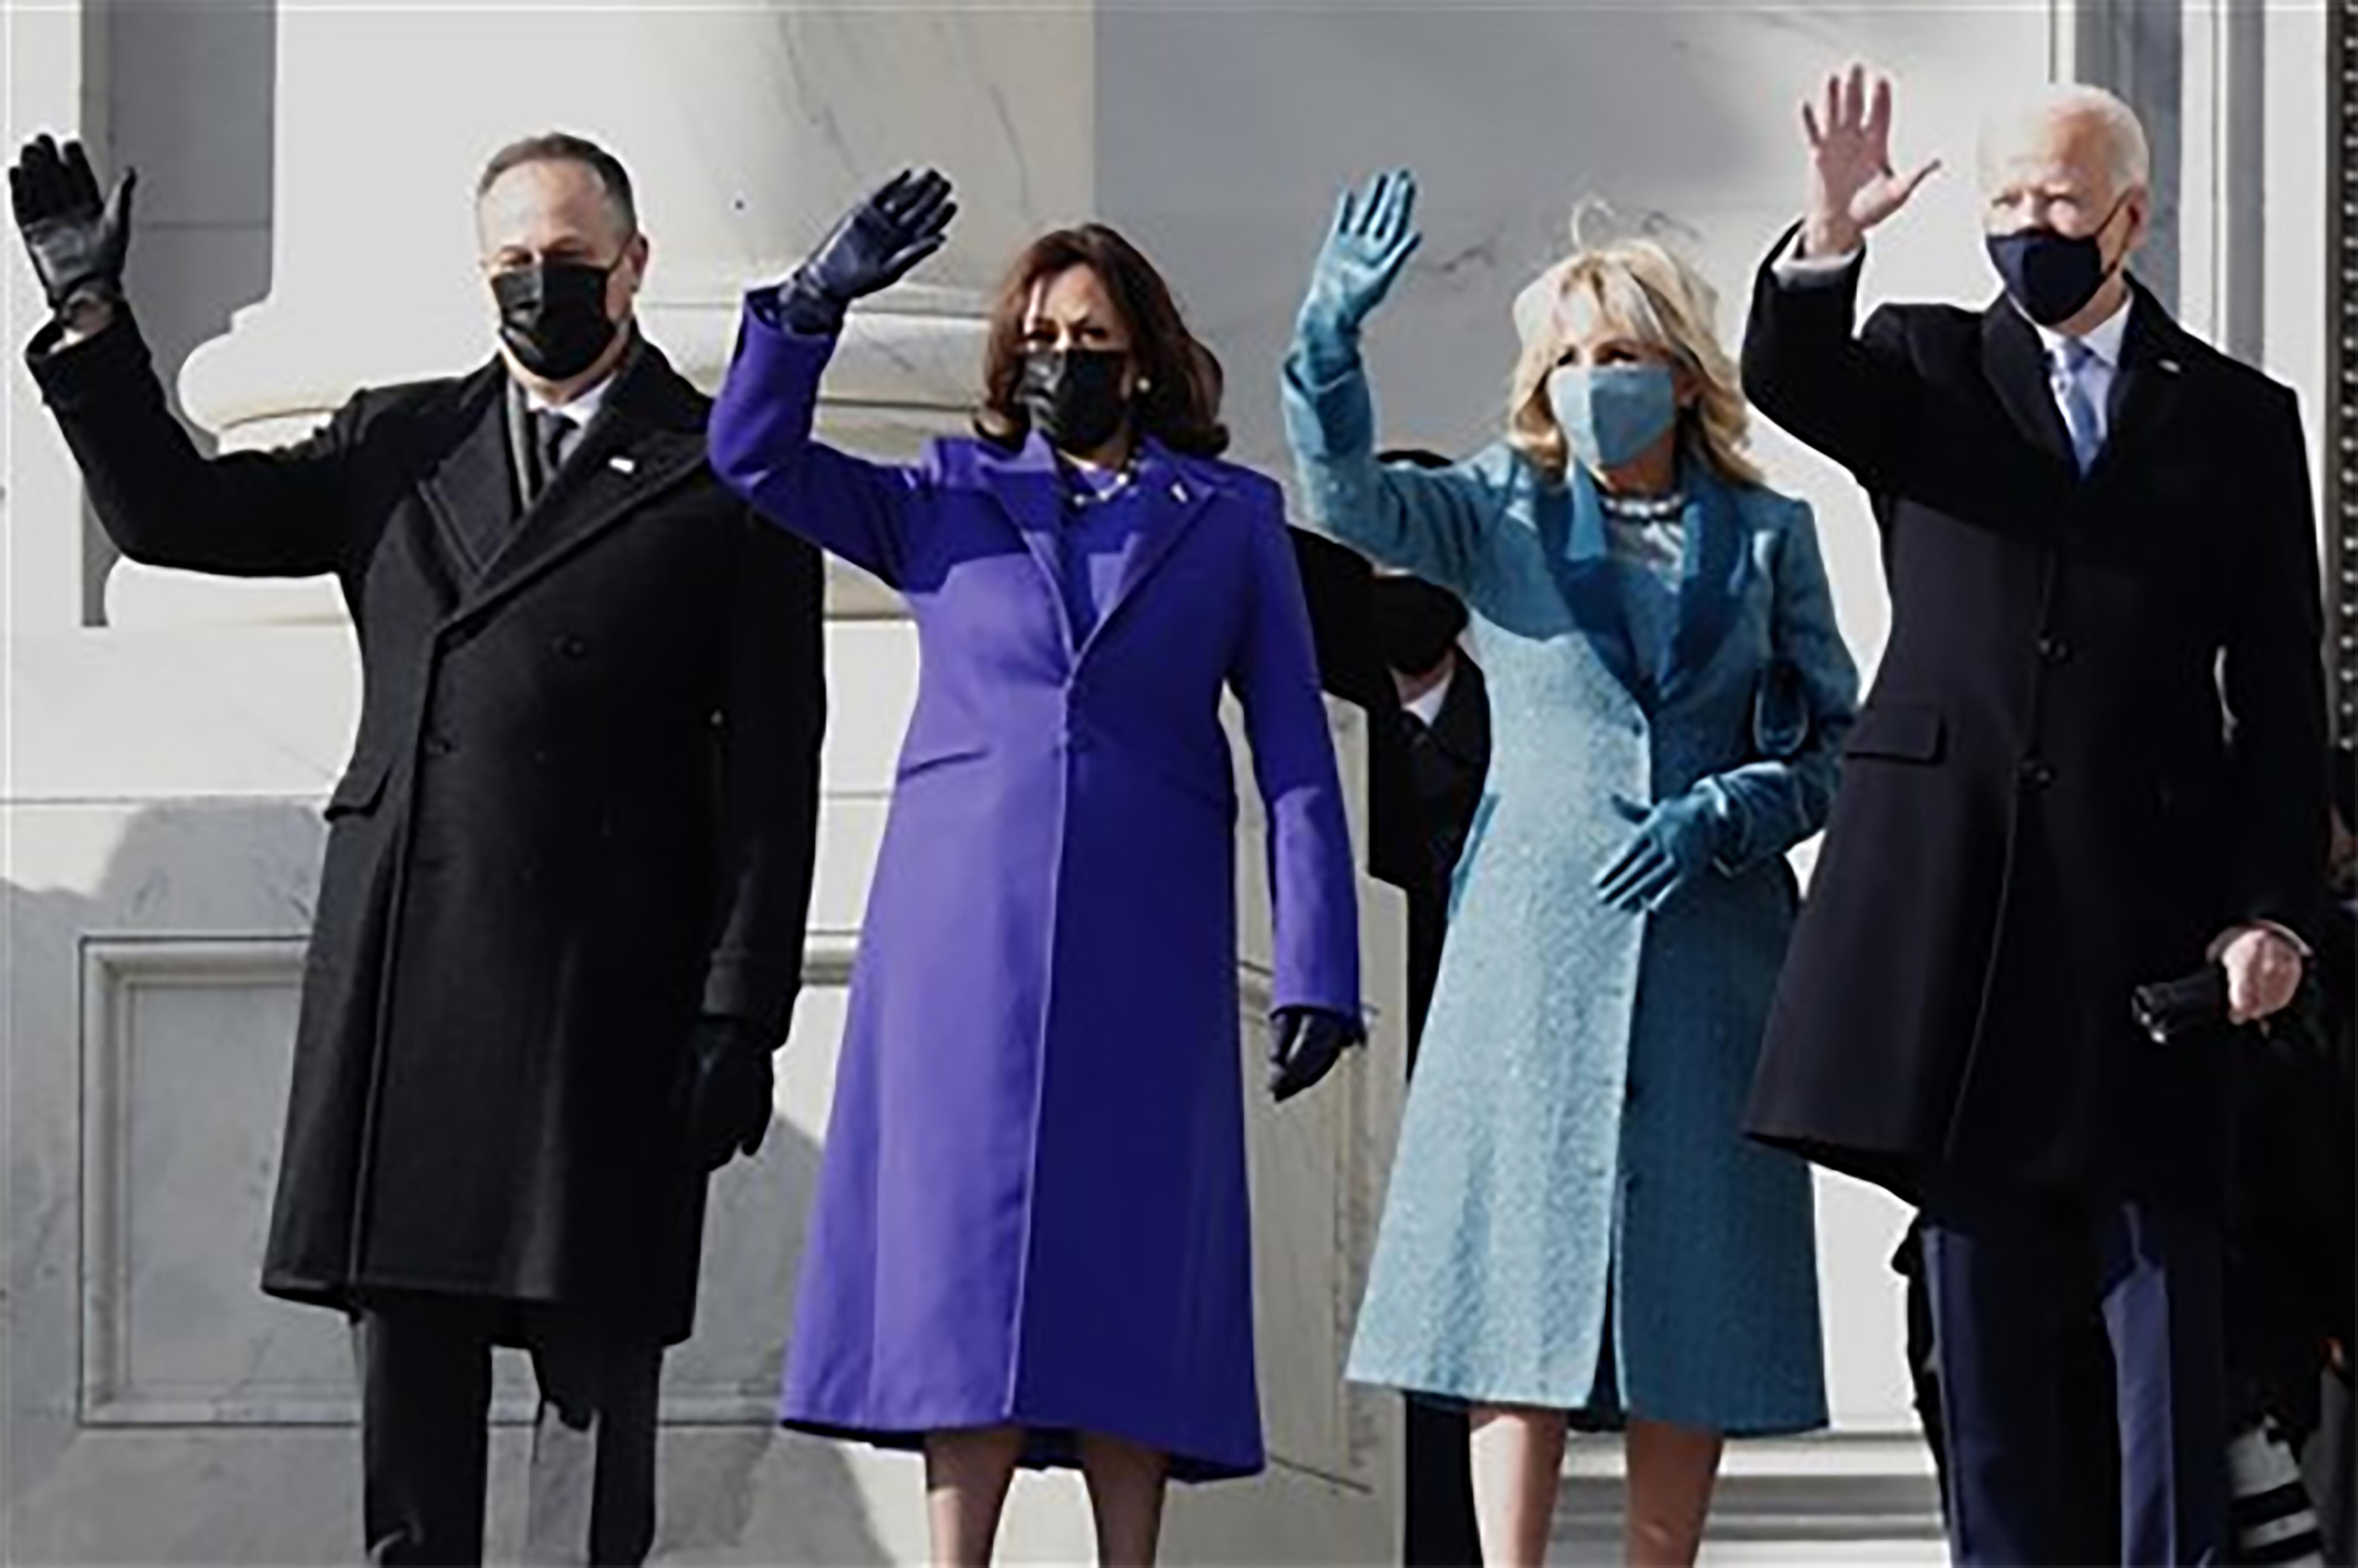 De derecha a izquierda, el presidente Joe Biden, la primera dama Jill Biden, la vicepresidenta Kamala Harris y el segundo caballero Doug Emhoff en el Capitolio de los Estados Unidos después de su investidura el 20 de enero de 2021. Foto cortesía del Concilio de Obispos/s de La IMU.